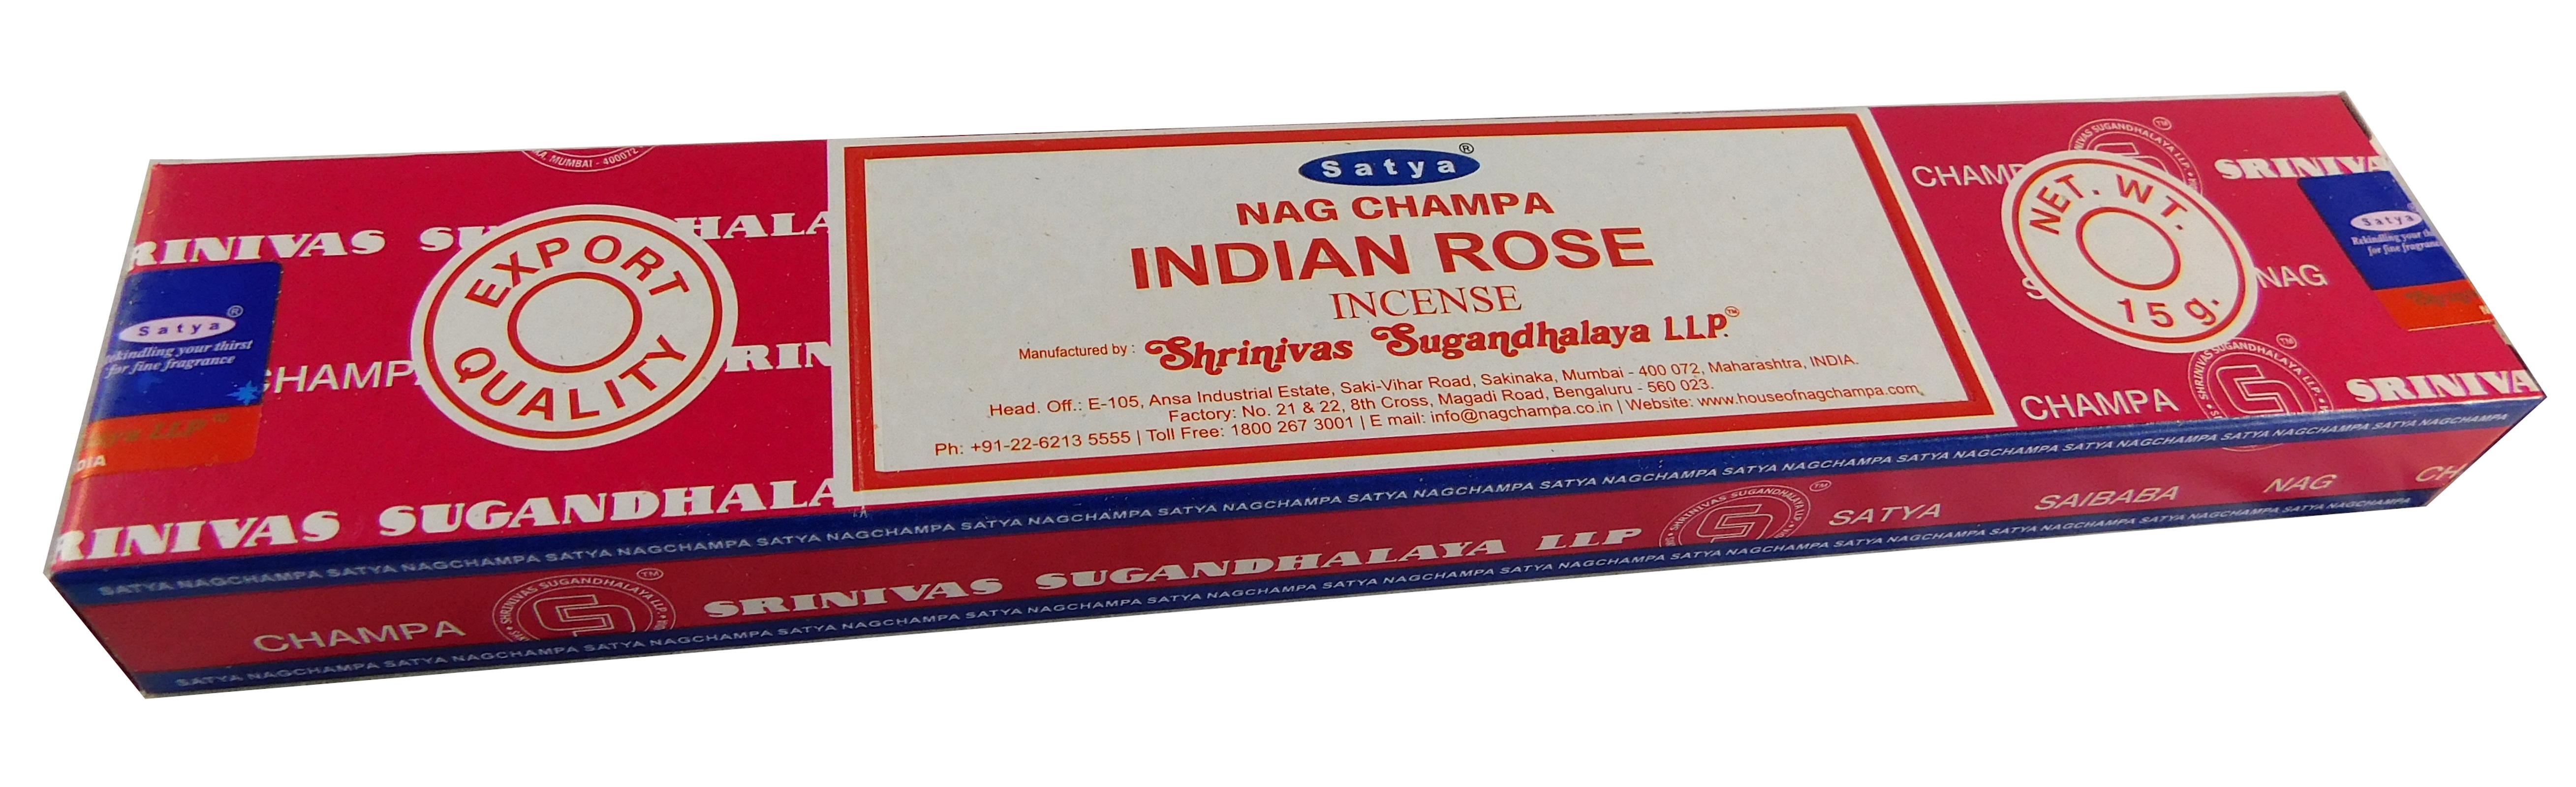 Räucherstäbchen Indian Rose von Satya 15g Packung. Ca. 15 Incence Sticks